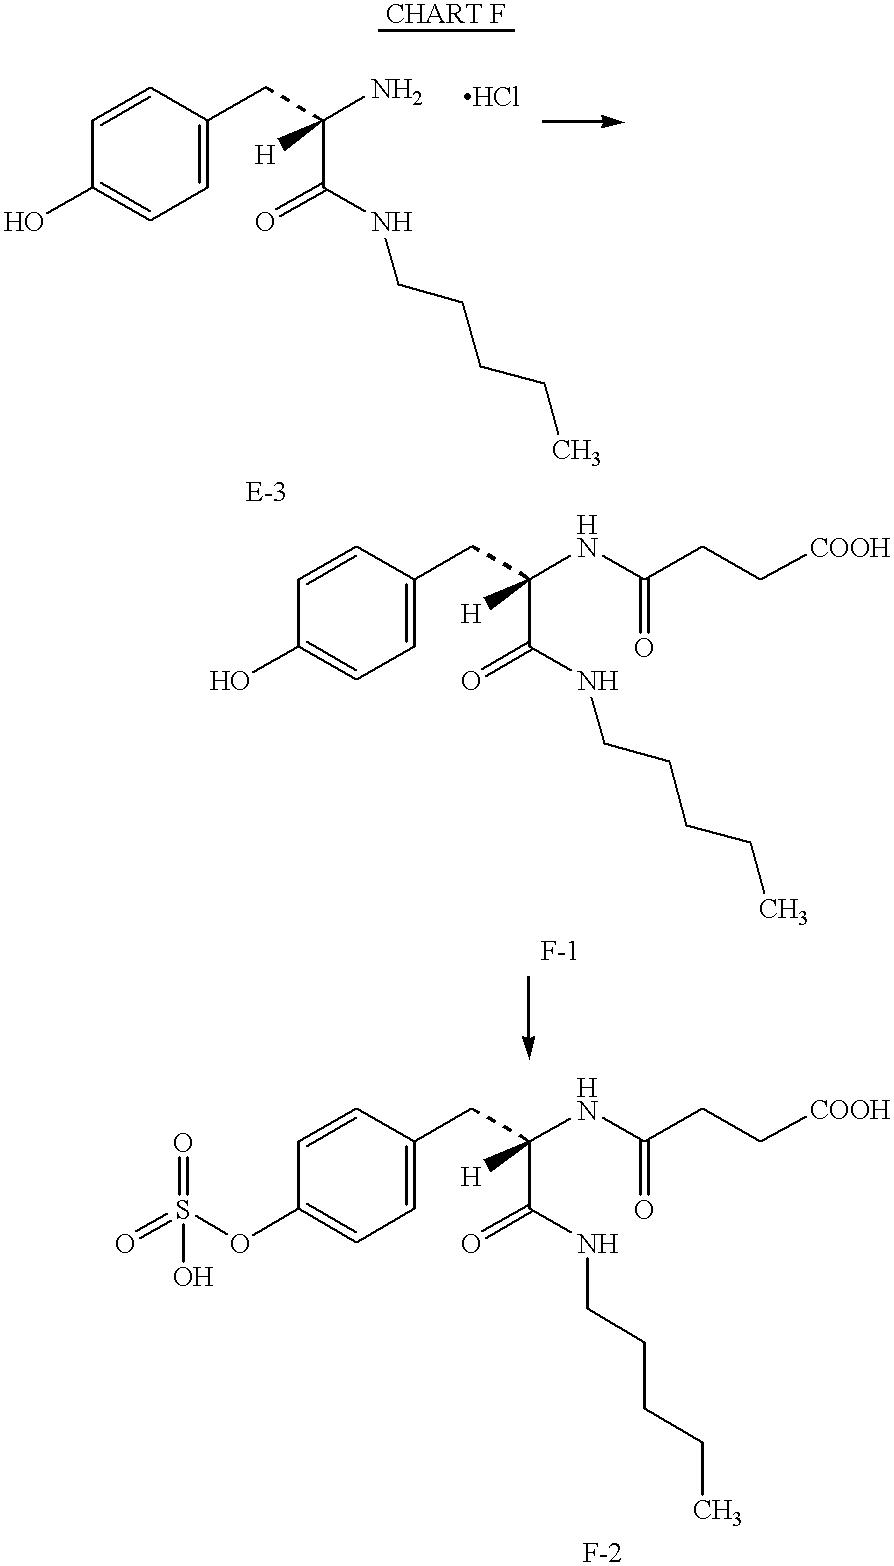 Figure US06410585-20020625-C00038